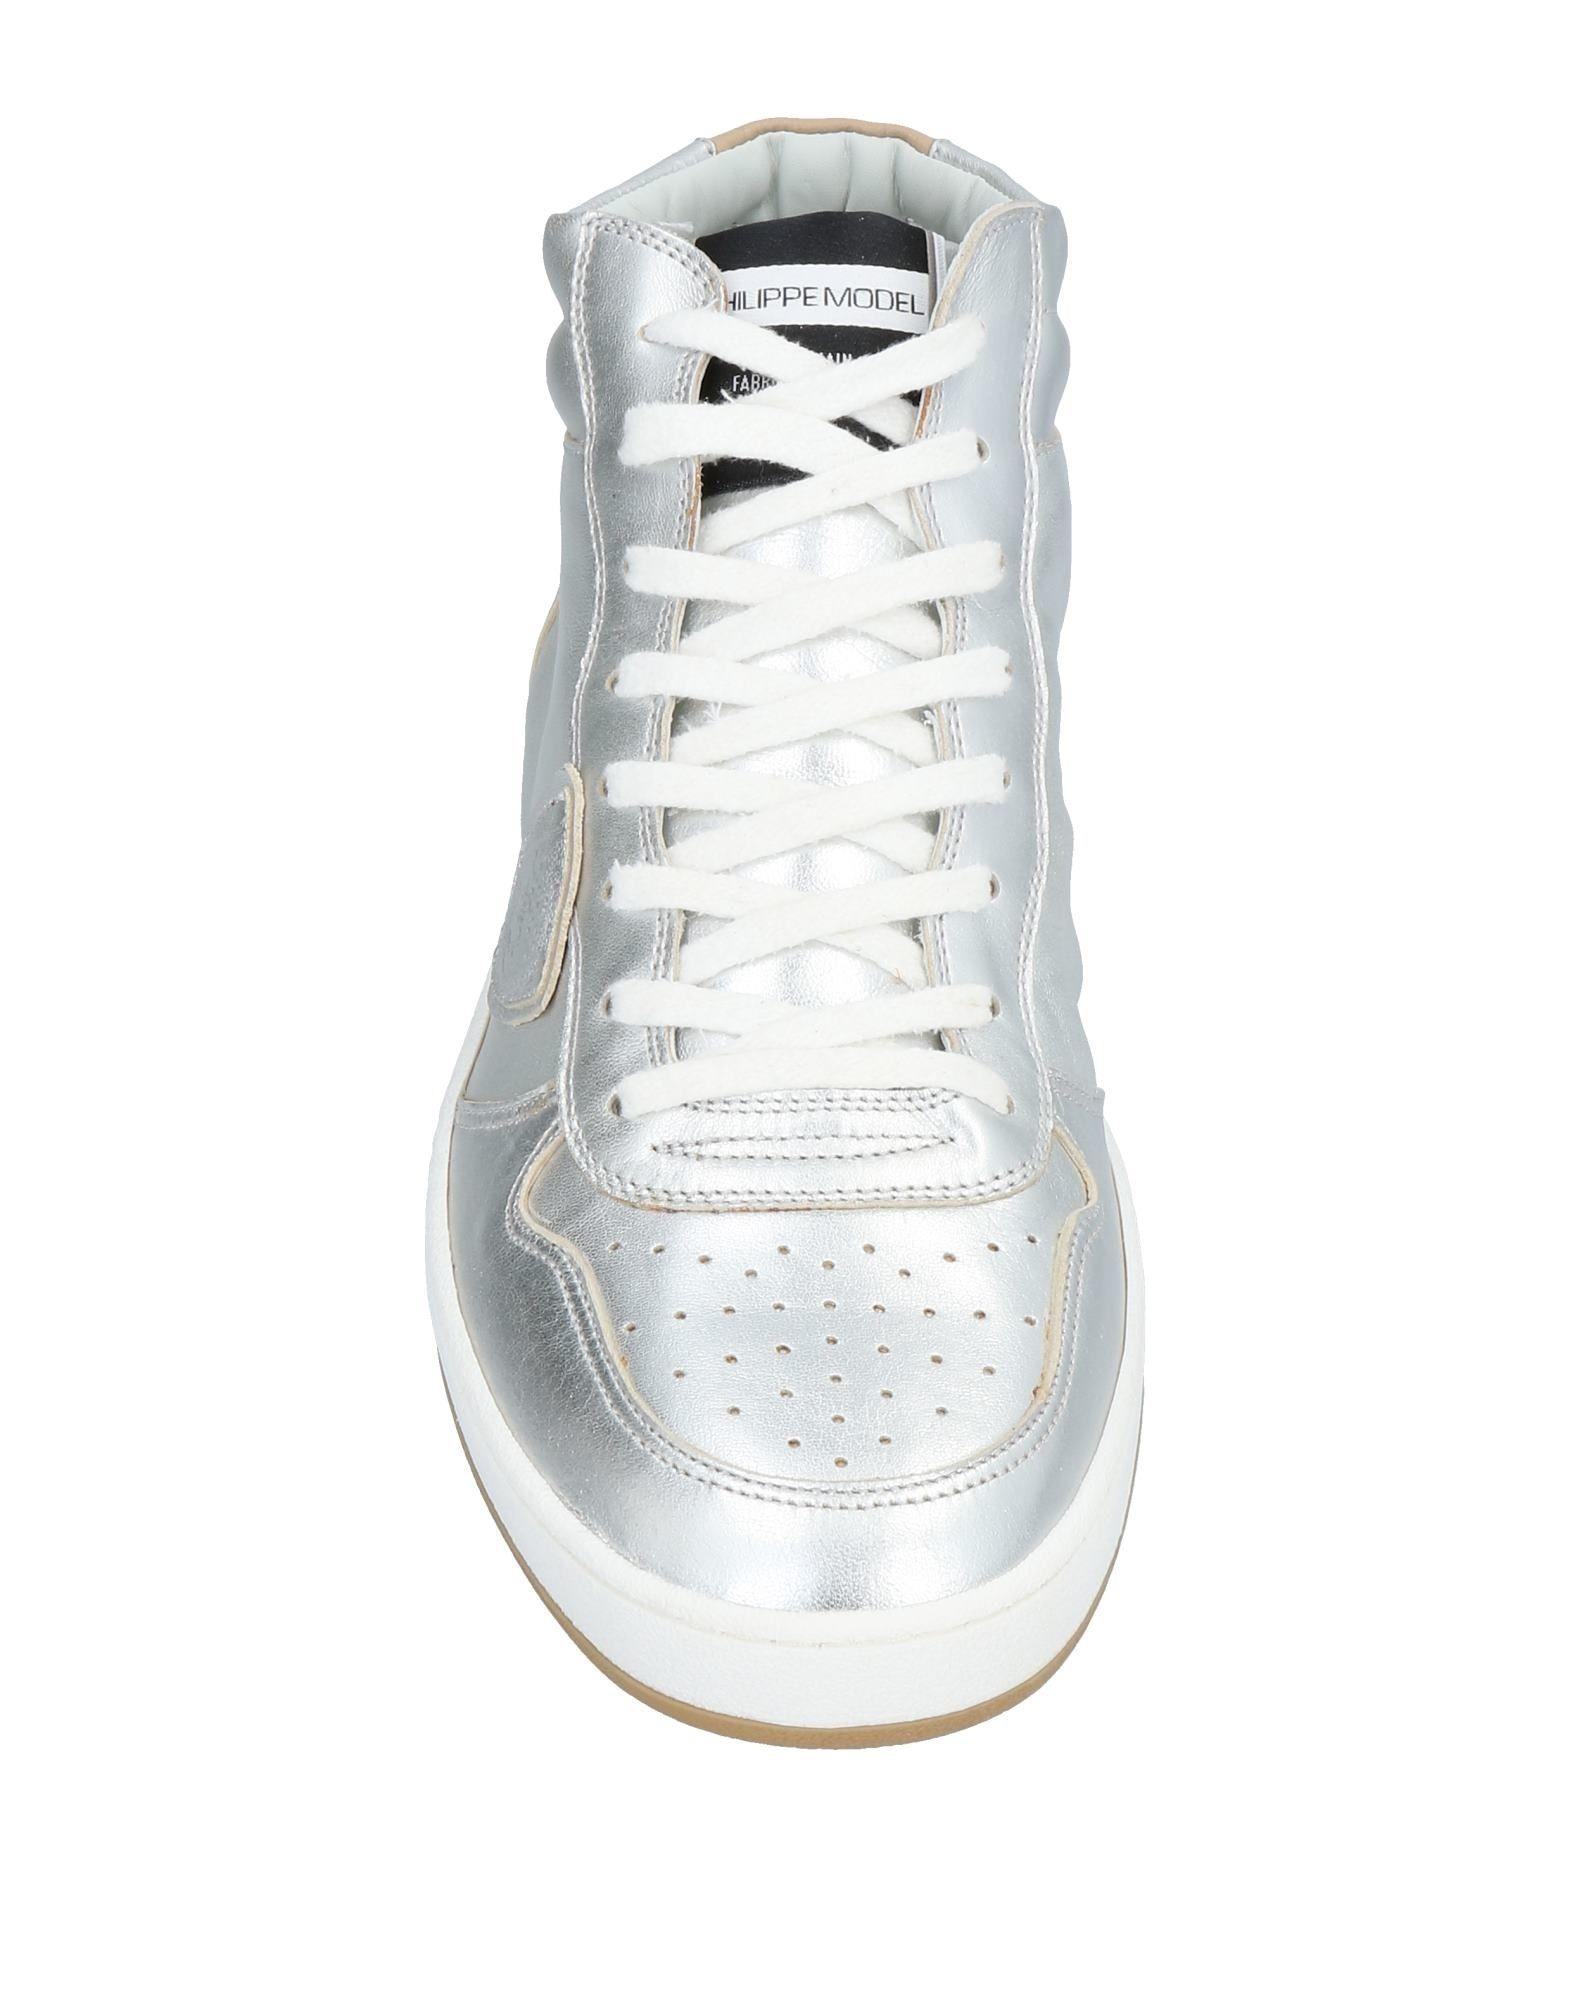 Philippe Model Sneakers Herren  11478537FE Gute Qualität beliebte Schuhe